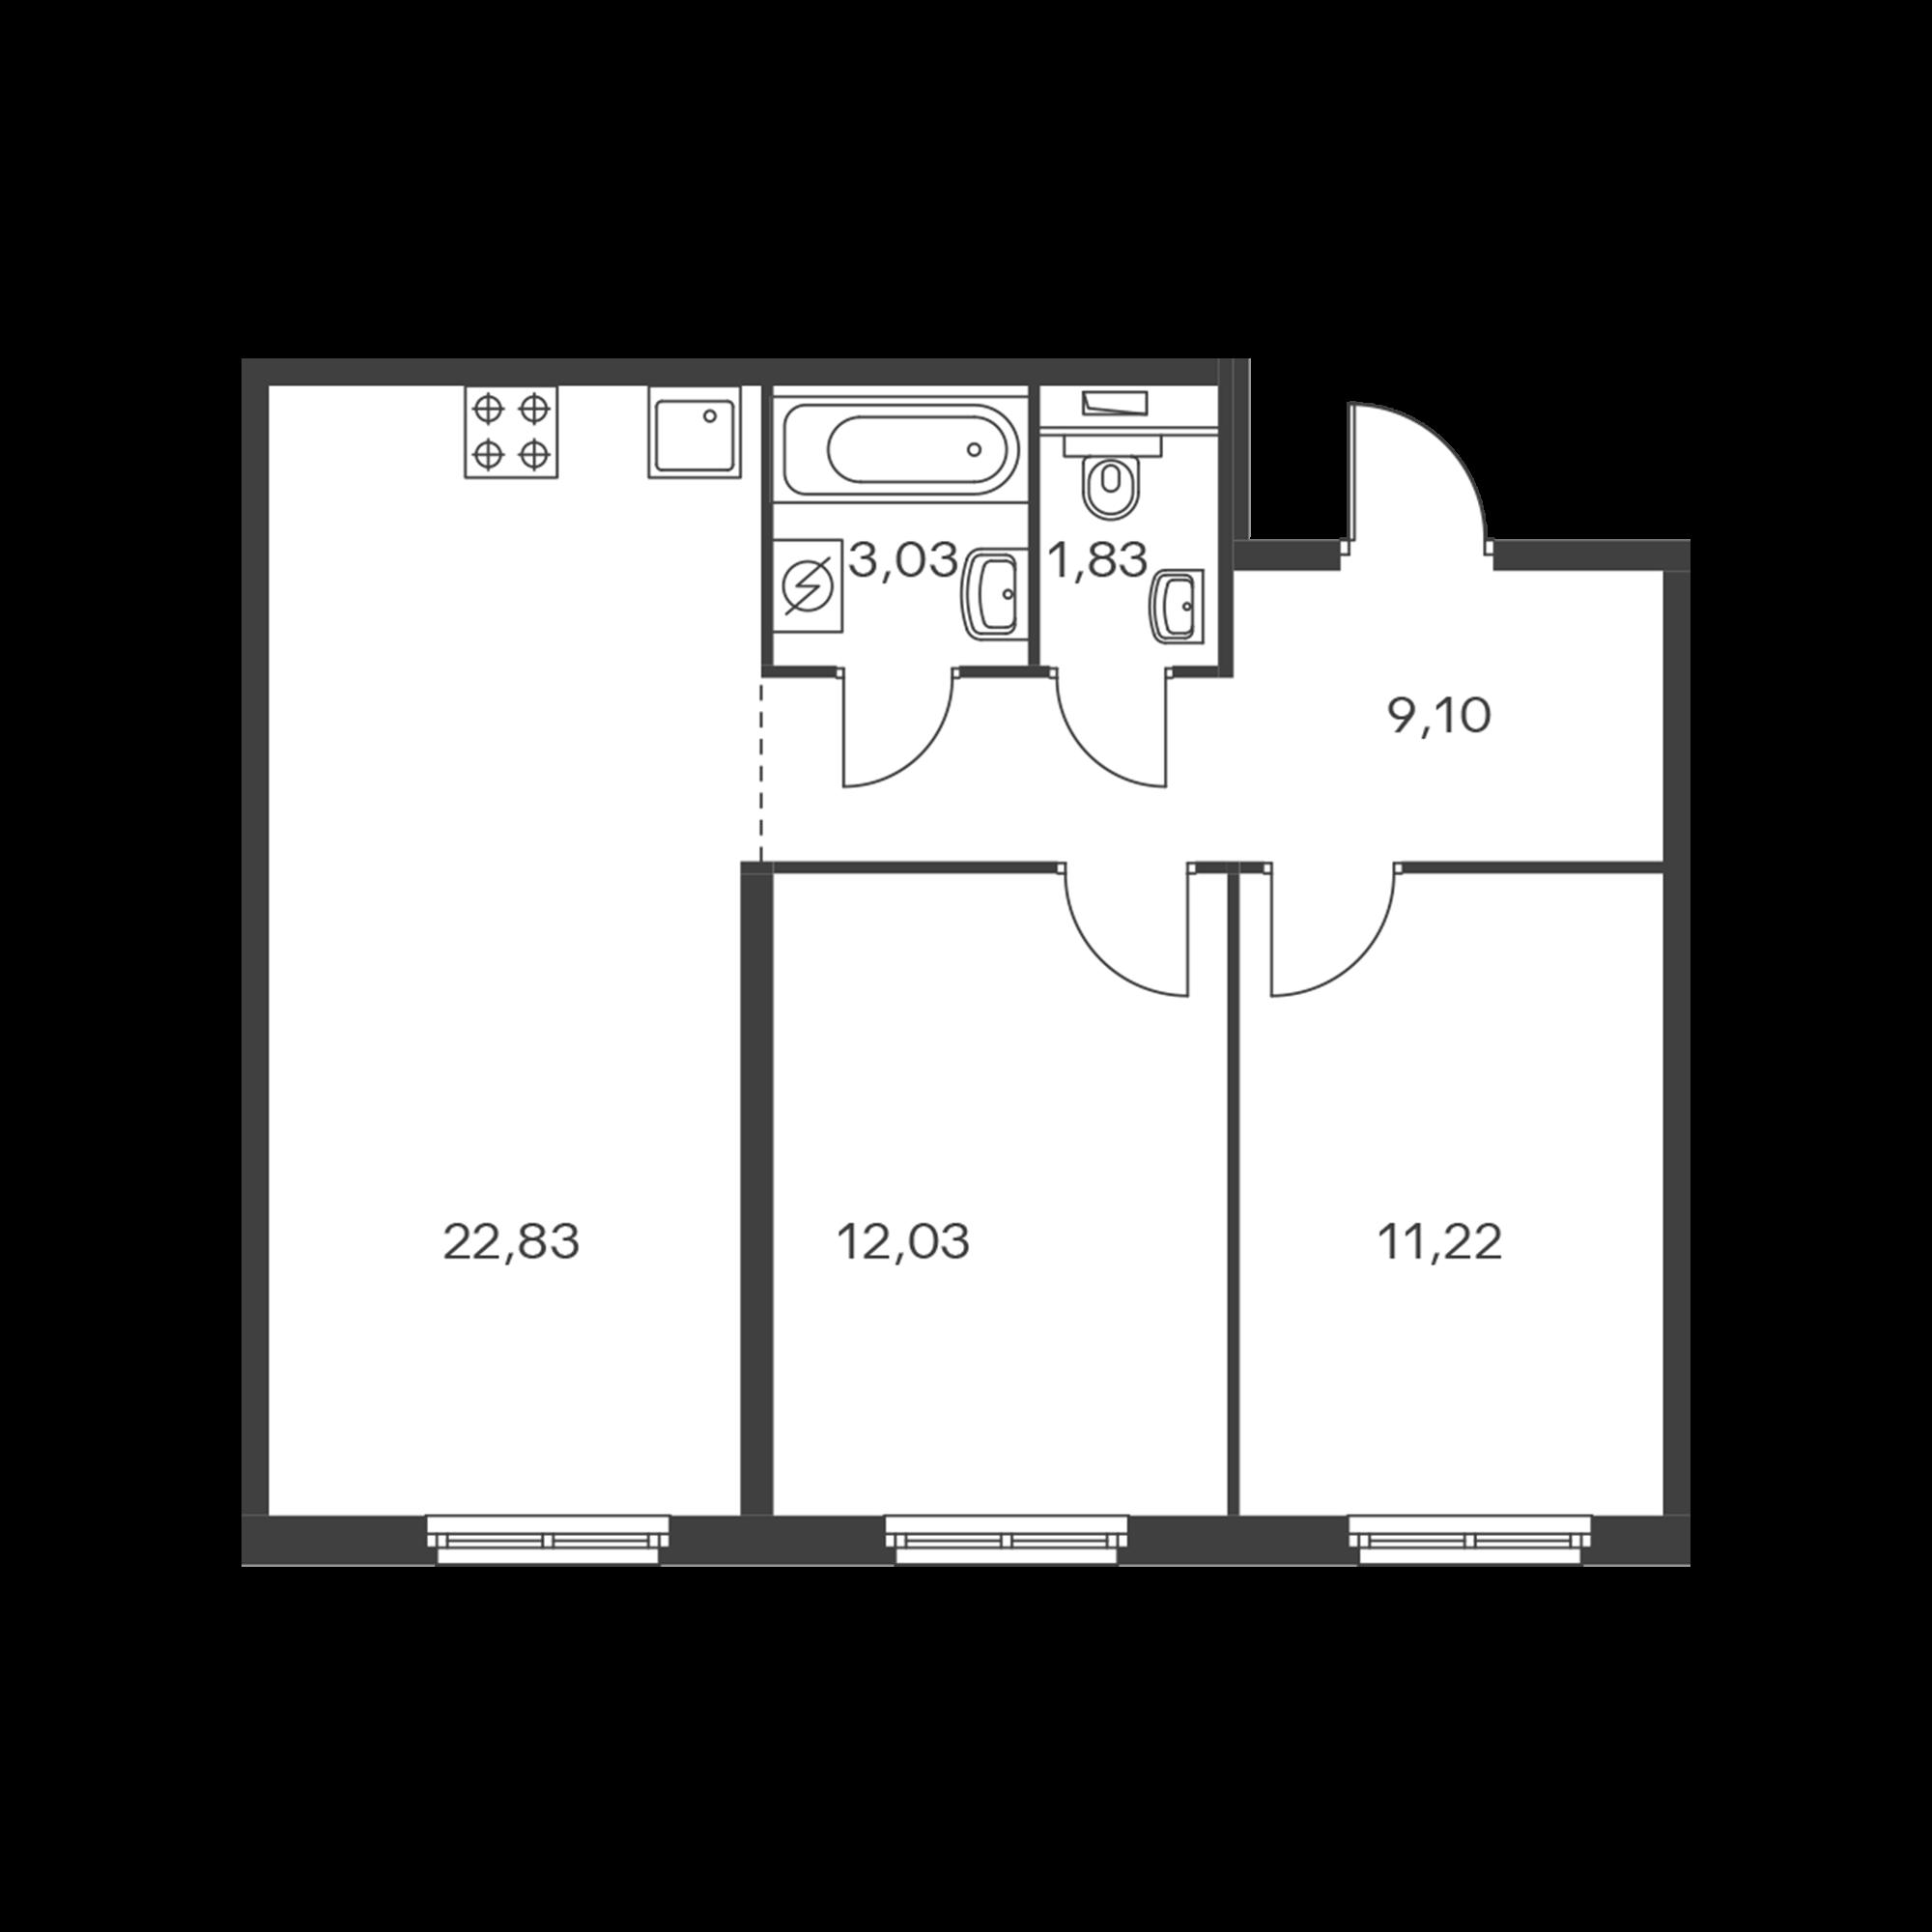 2-комнатная 60.04 м²